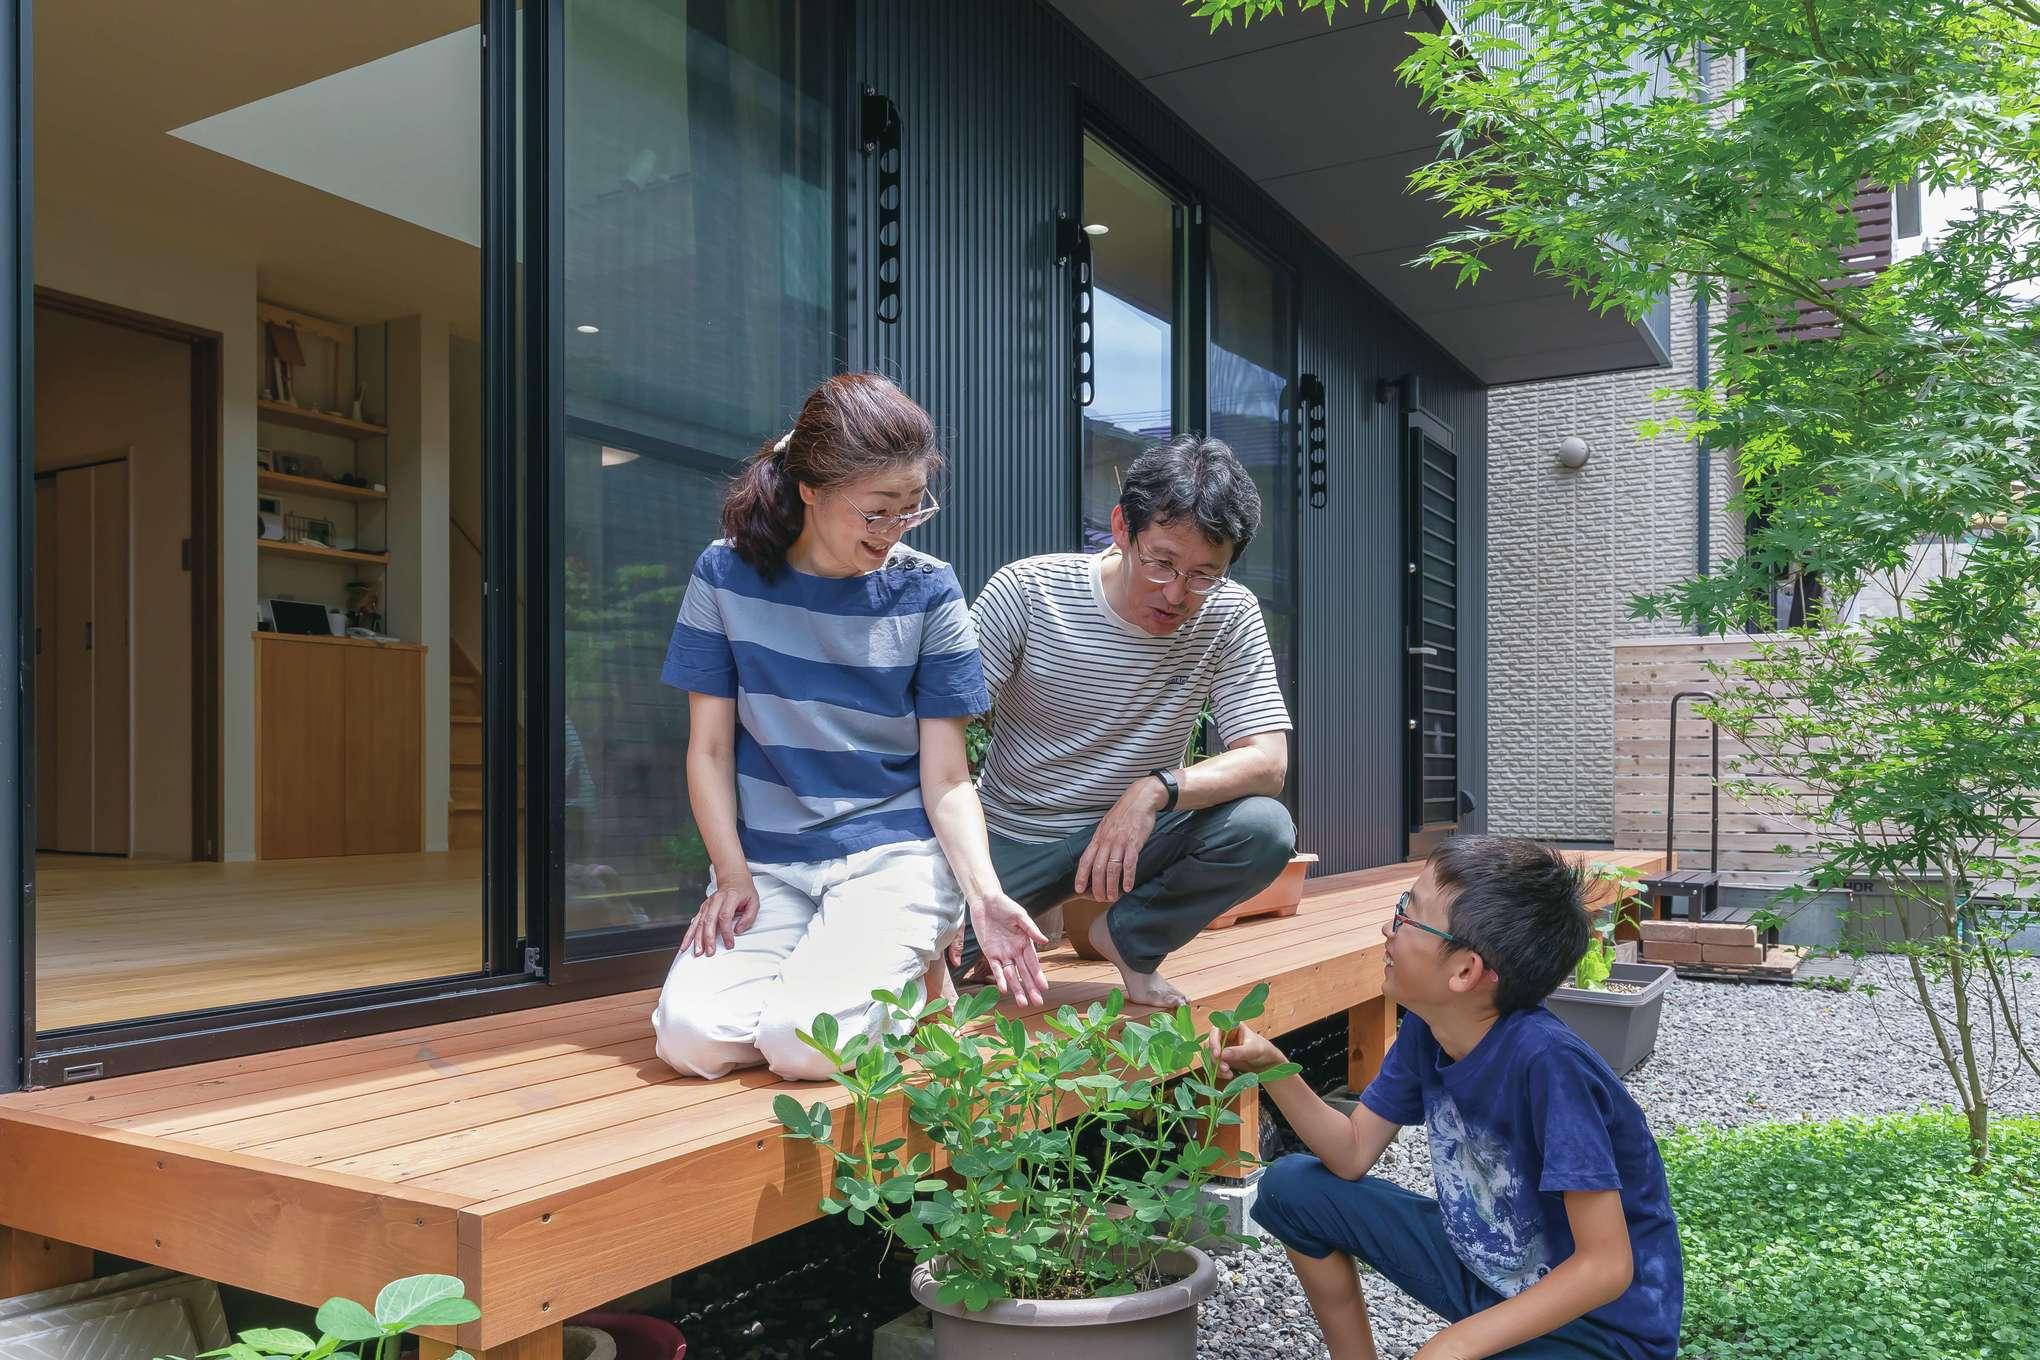 フジモクの家(富士木材)【デザイン住宅、子育て、自然素材】北面のアプローチだけでなく、南面にも広い庭とウッドデッキを設けた。ジューンベリーなどの実がなる樹木のほか、落花生なども大切に育てている。「庭は子育てと同じで、手はかかりますが、大変な分だけ愛おしくなりますね」と奥さま。庭と戯れるスローな暮らしこそ、注文住宅ならではの醍醐味と言えそうだ。